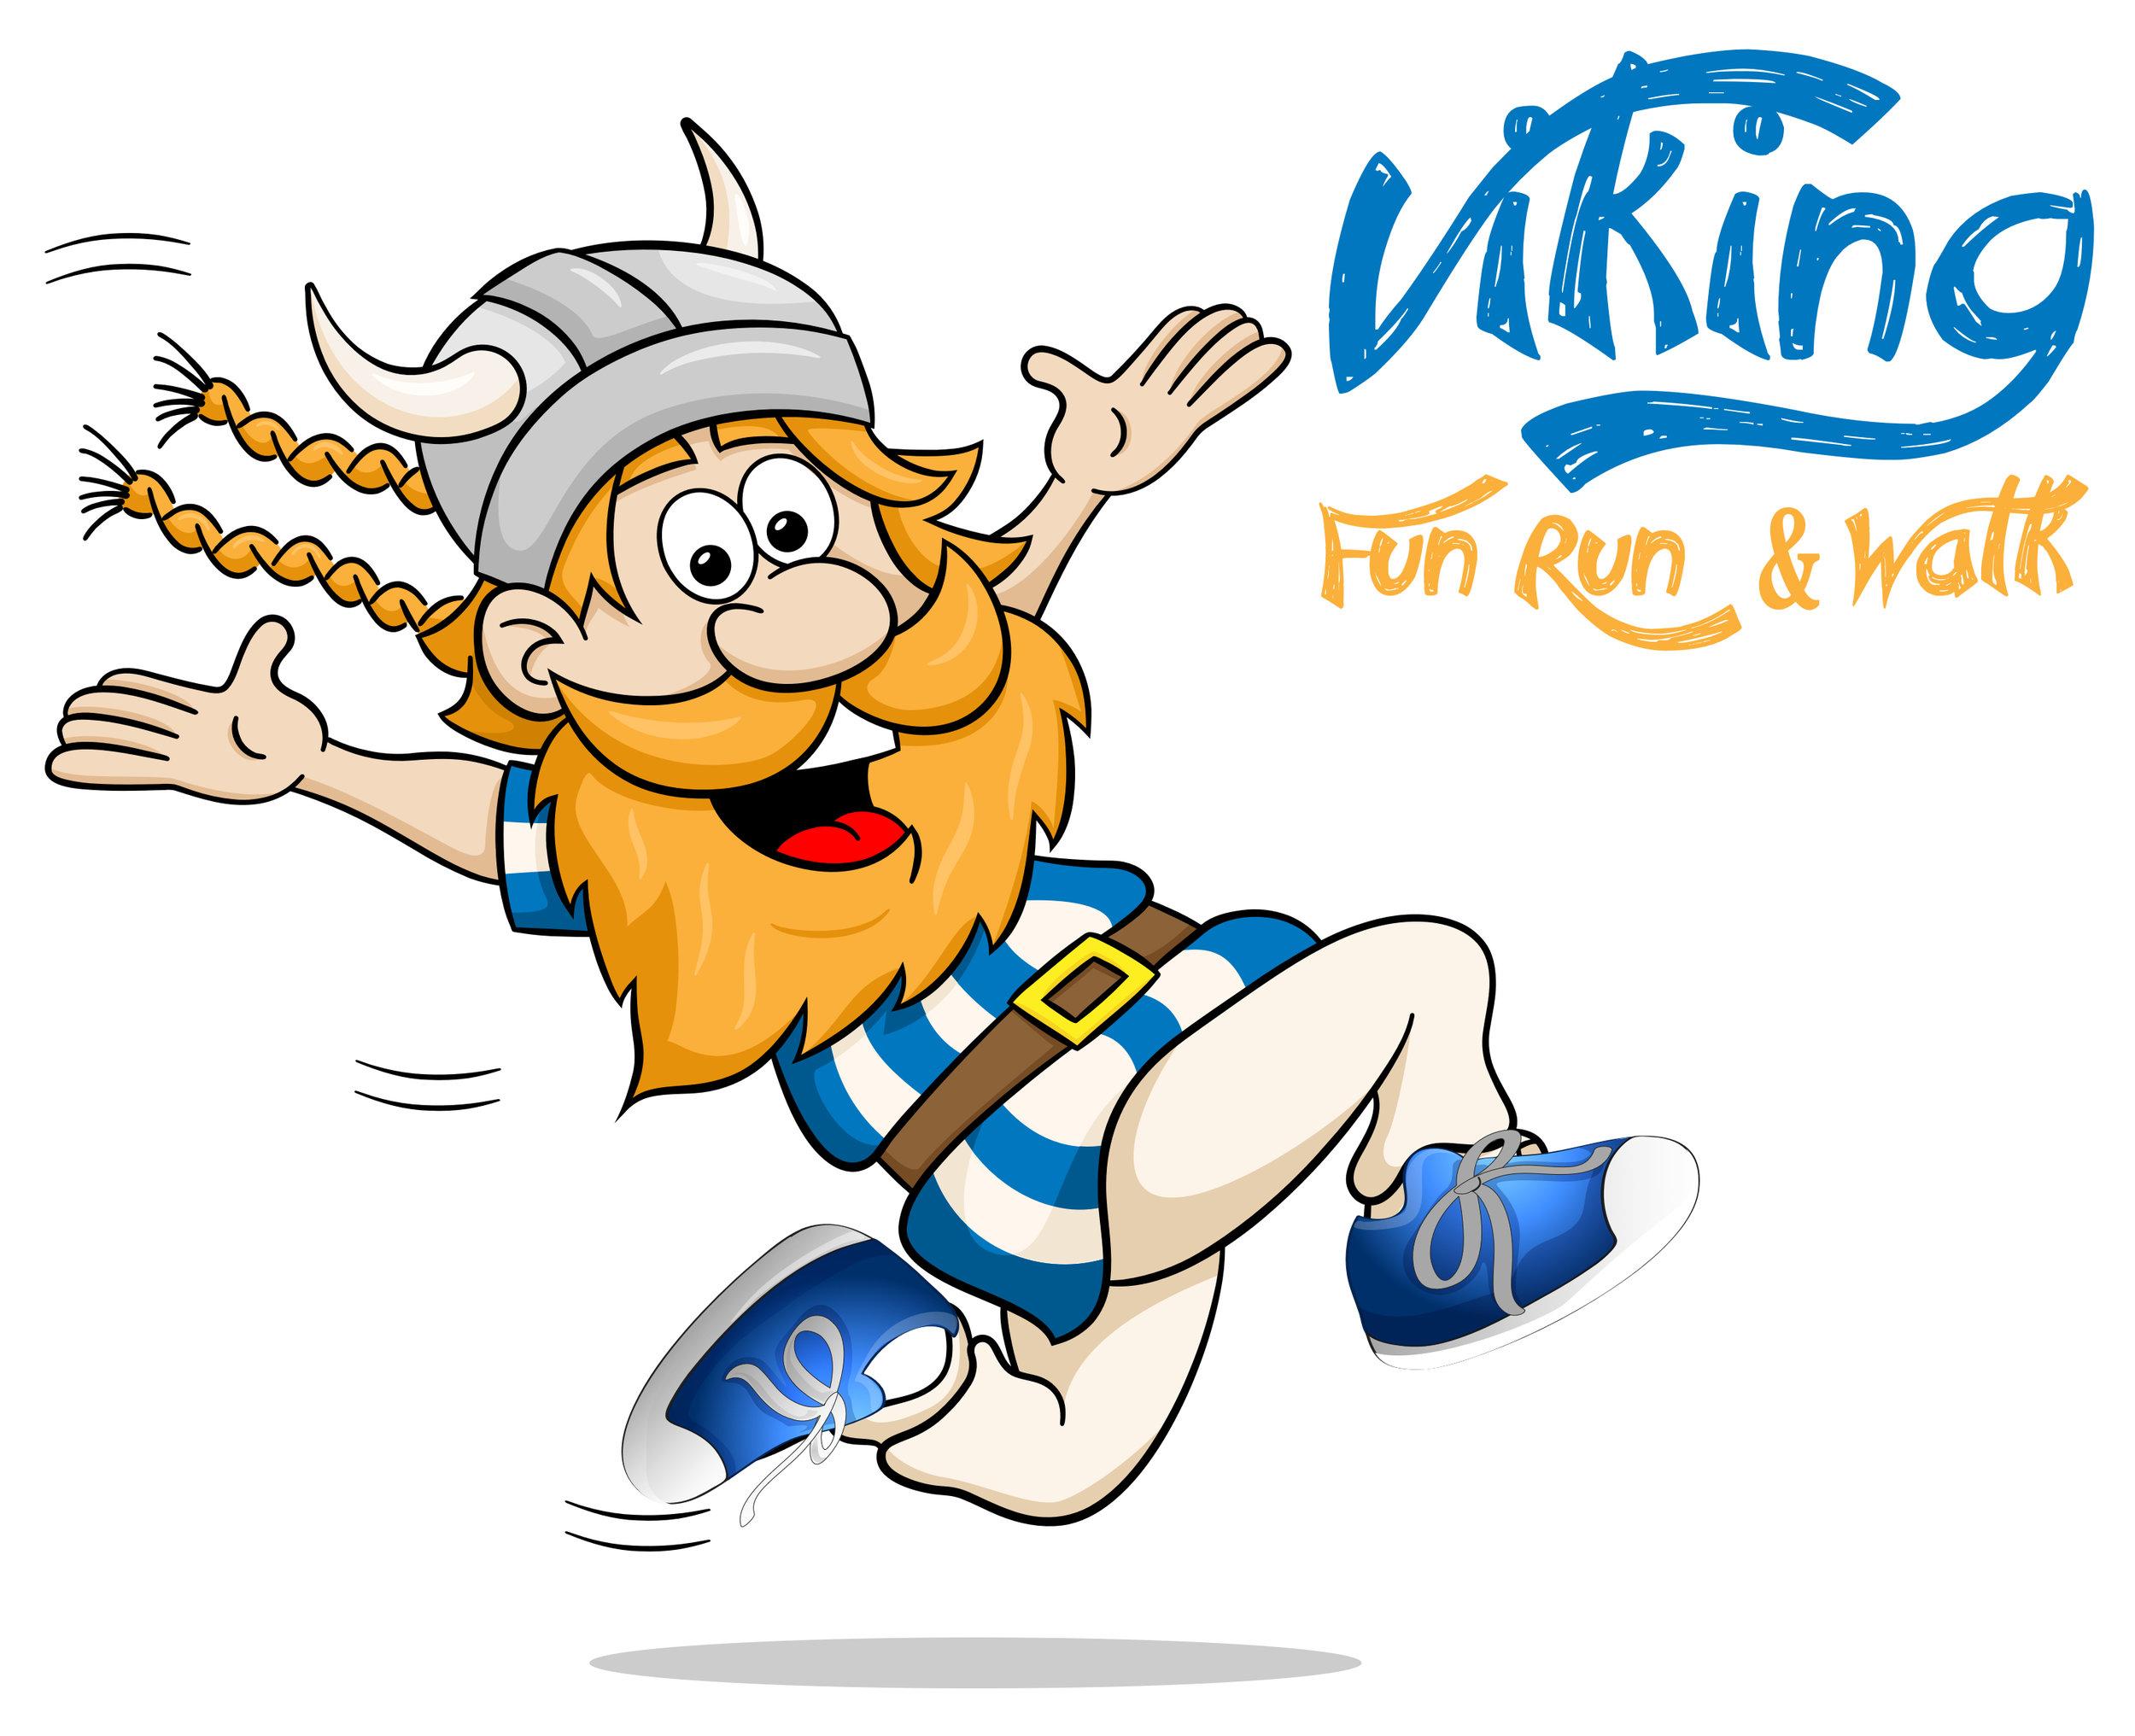 VikingFunRun.jpg